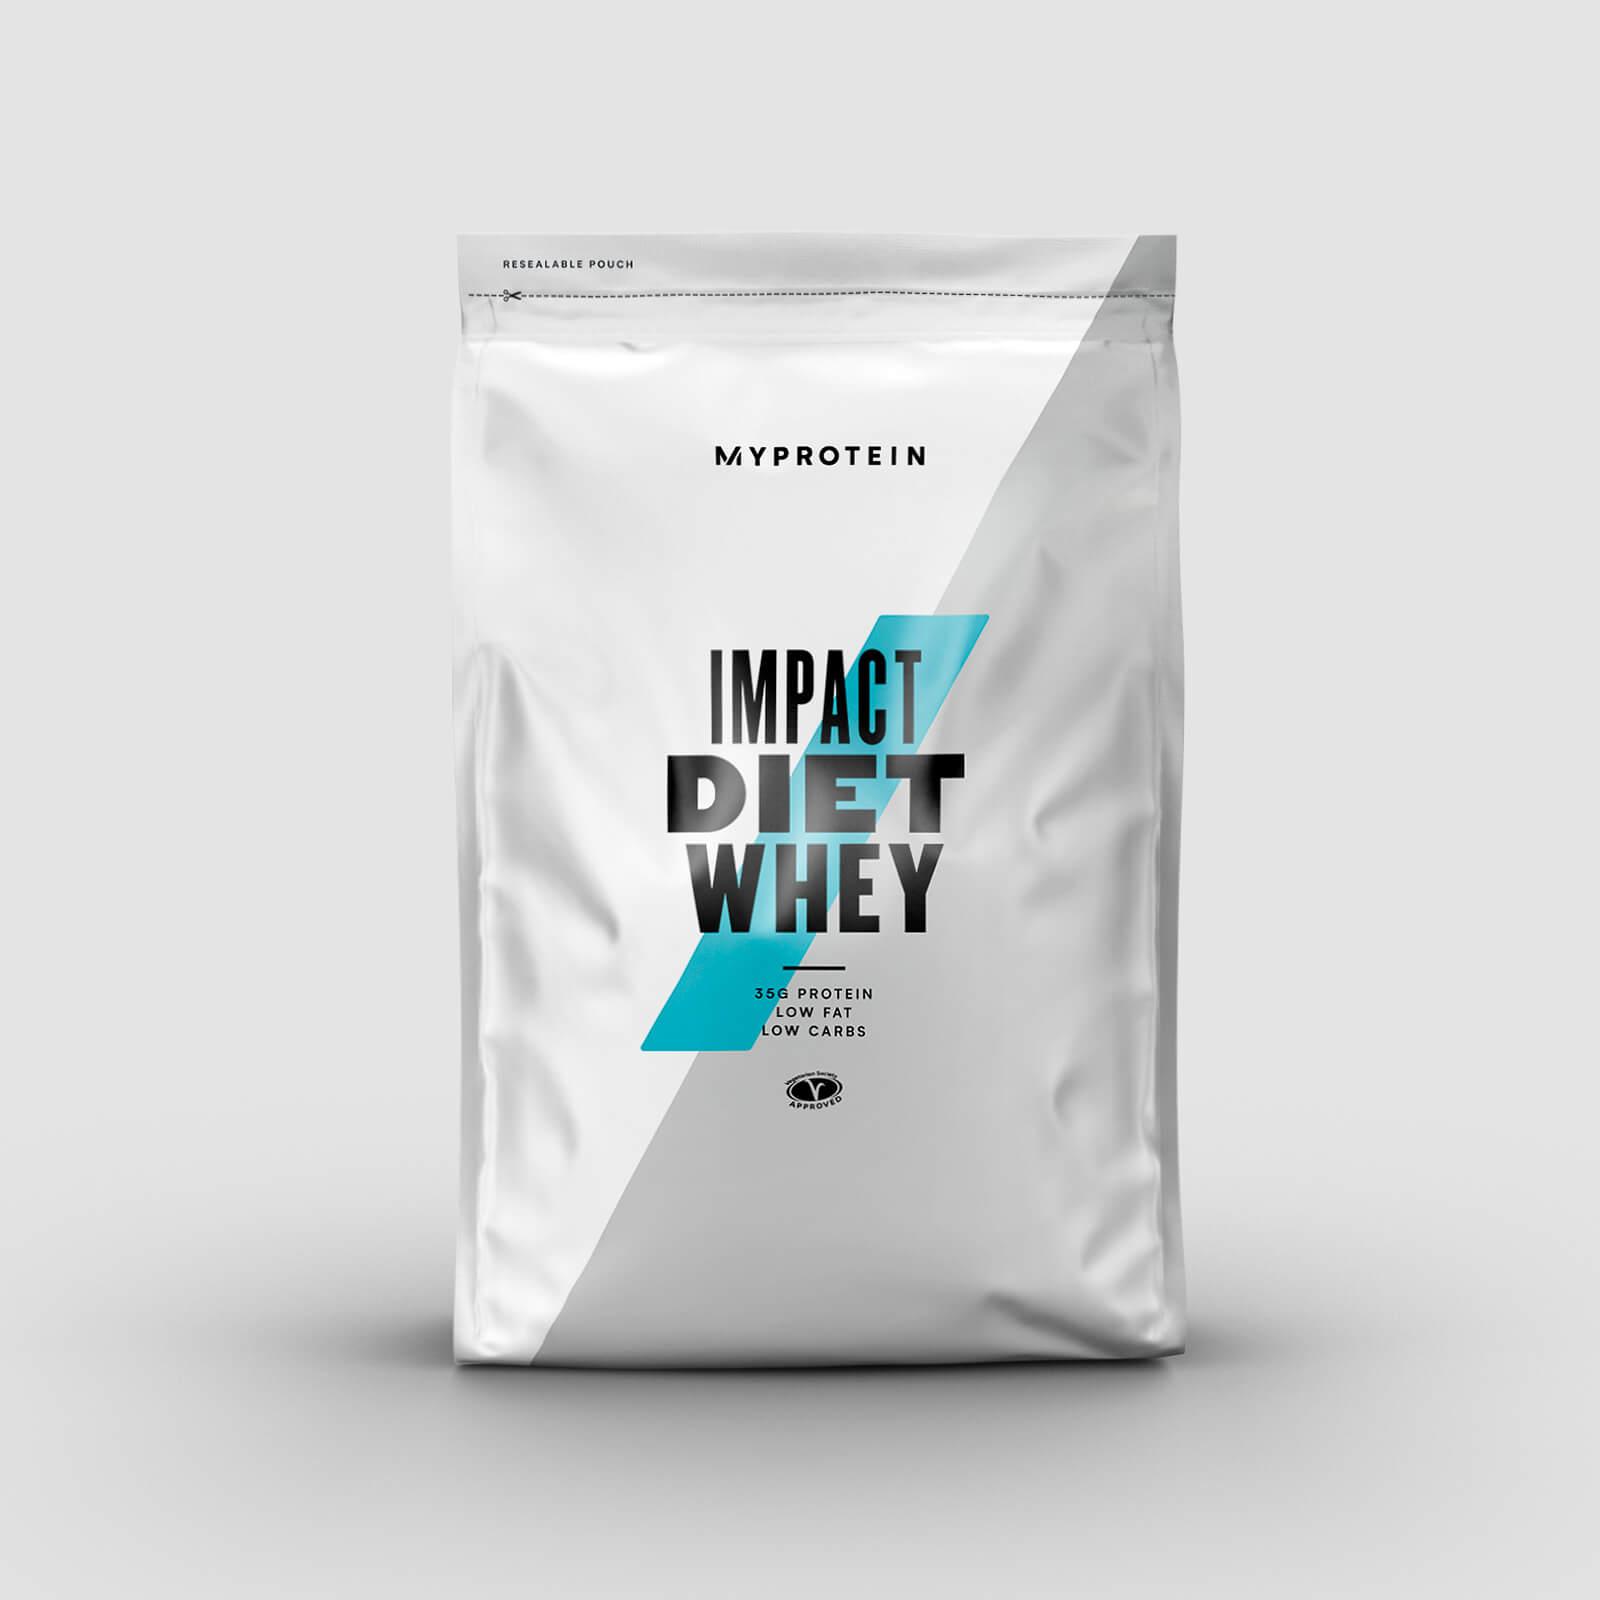 Myprotein Impact Diet Whey - 2.5kg - Chocolat